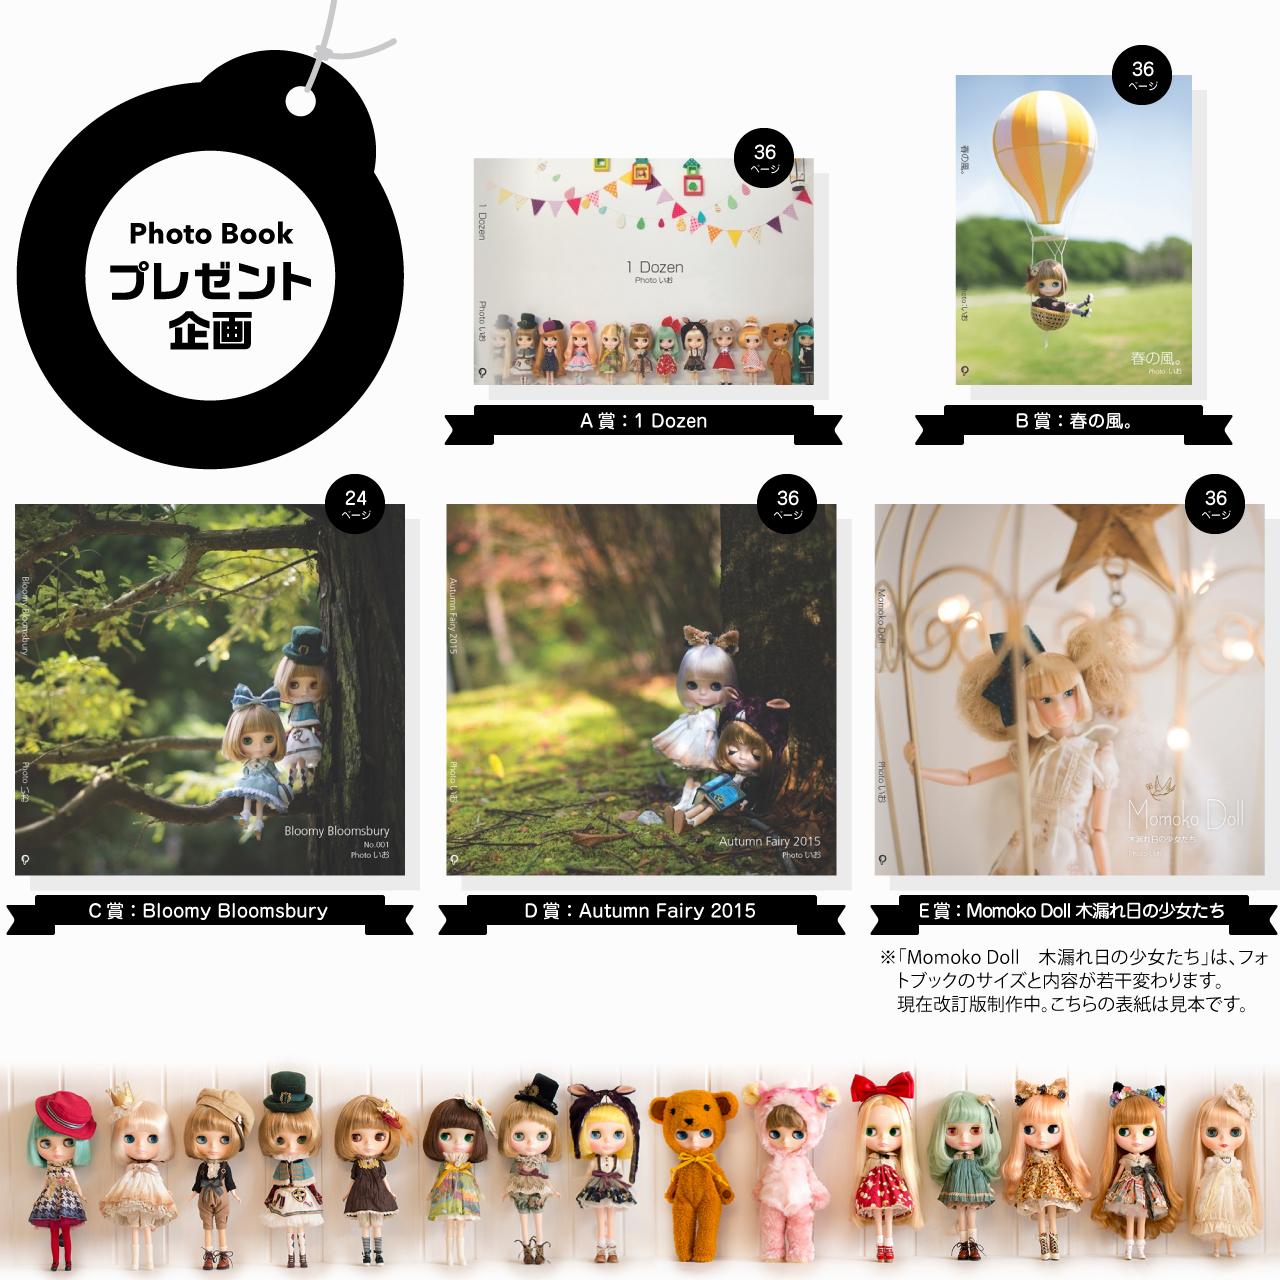 photobook0604.jpg